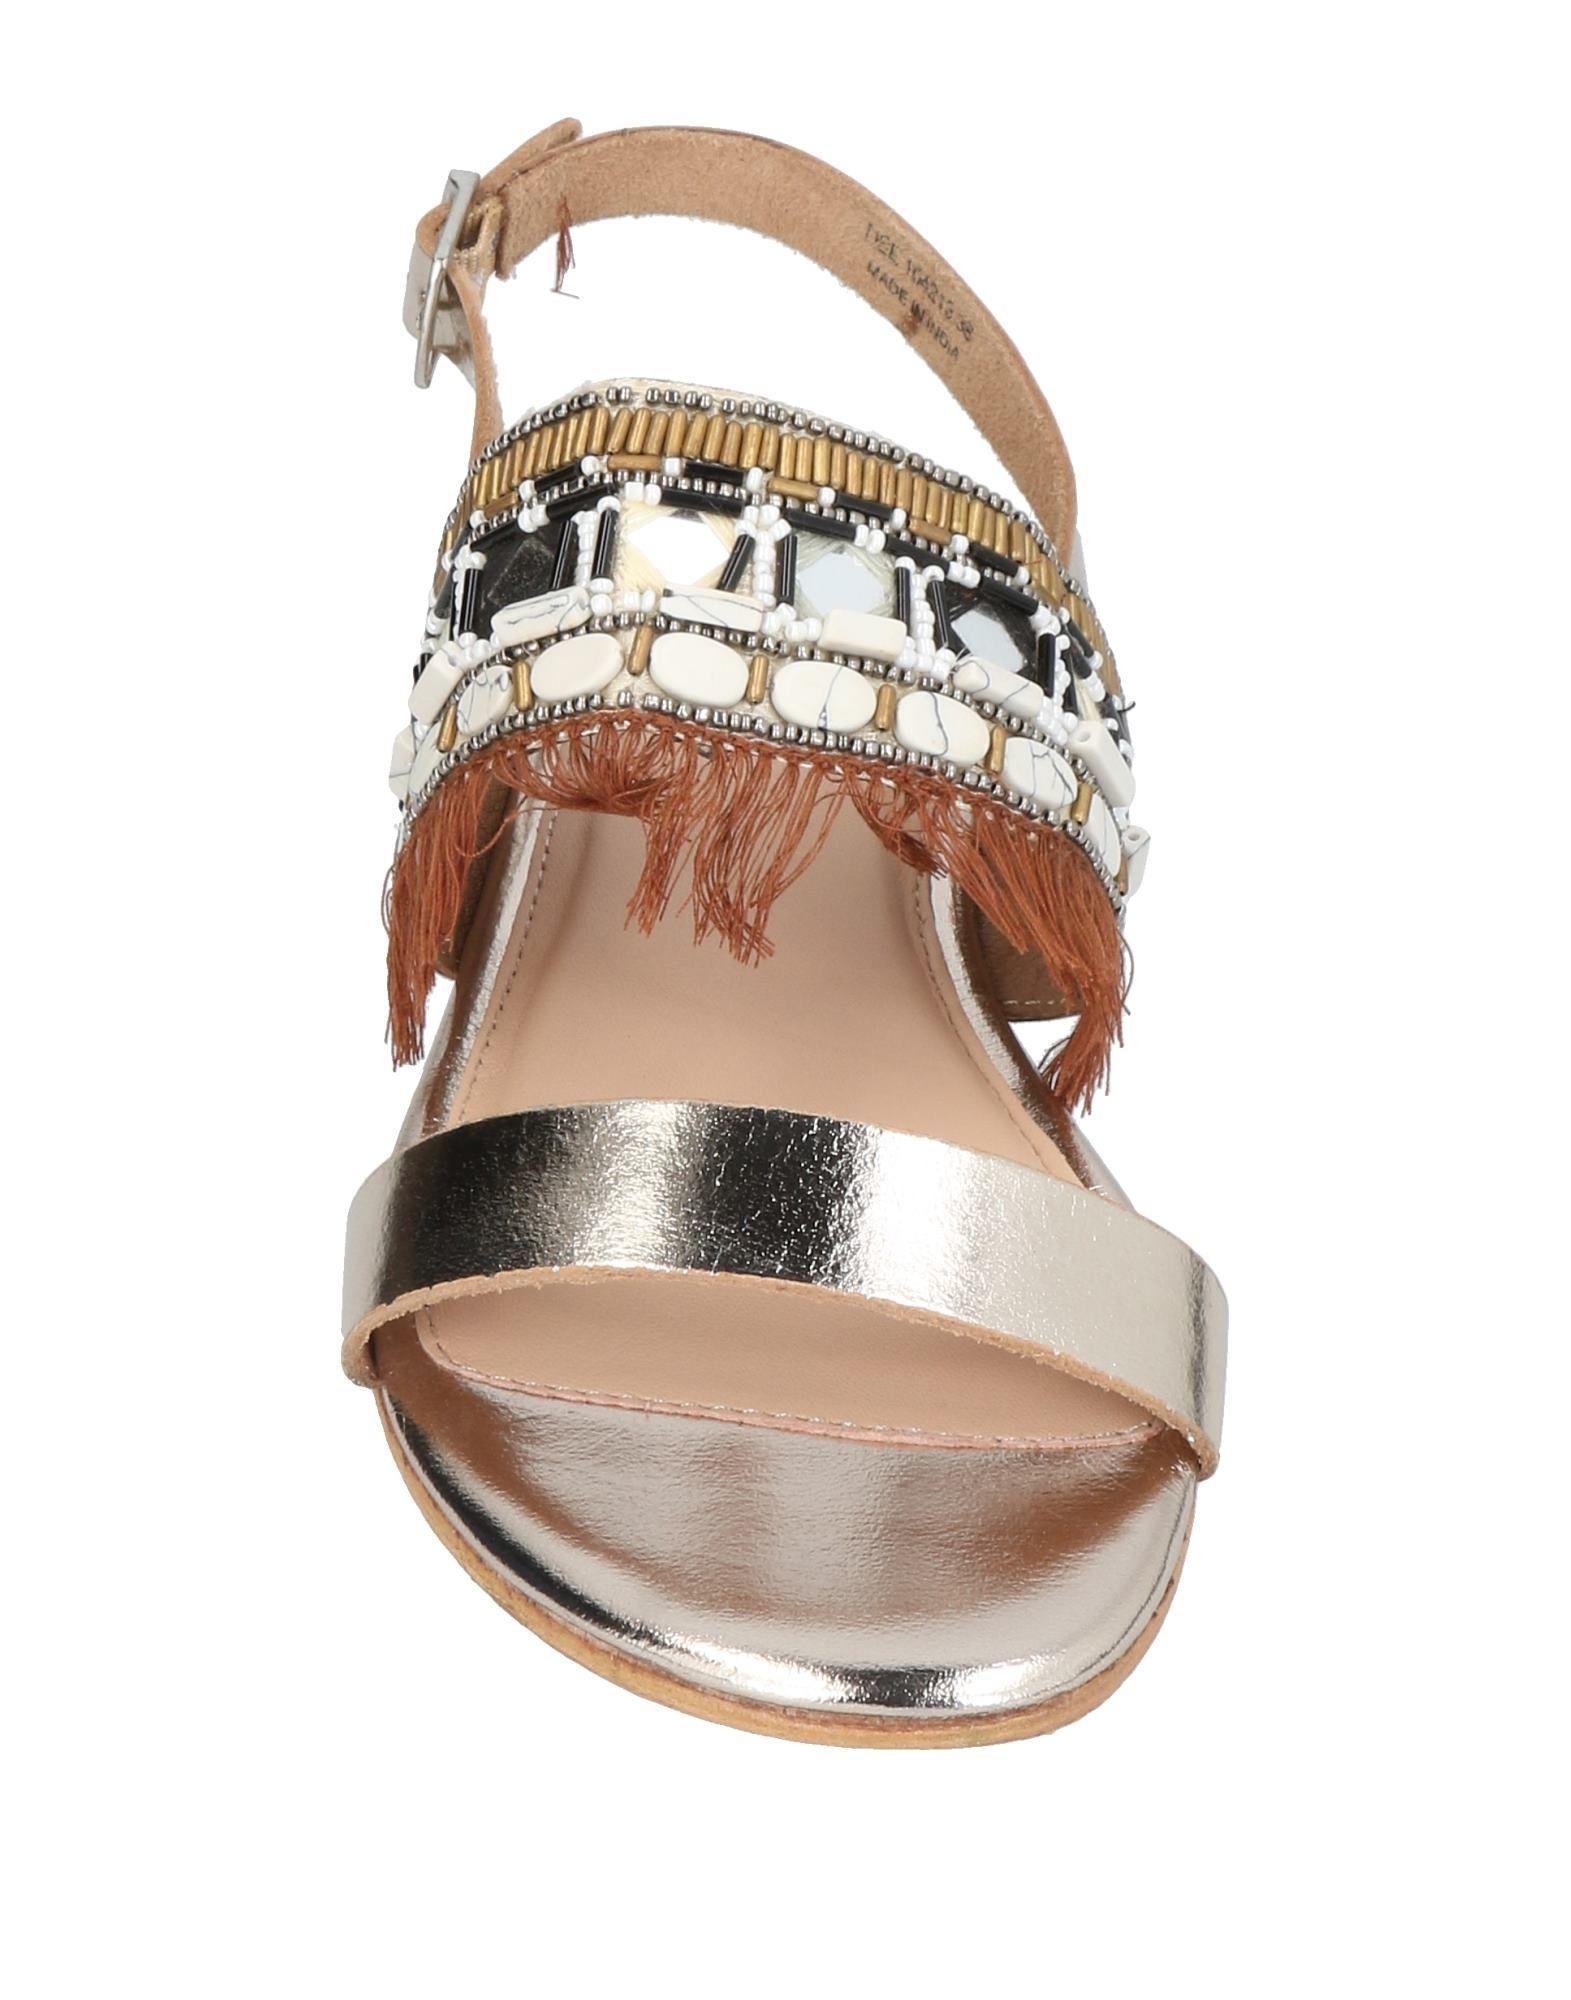 Docksteps Platinum Leather Sandals